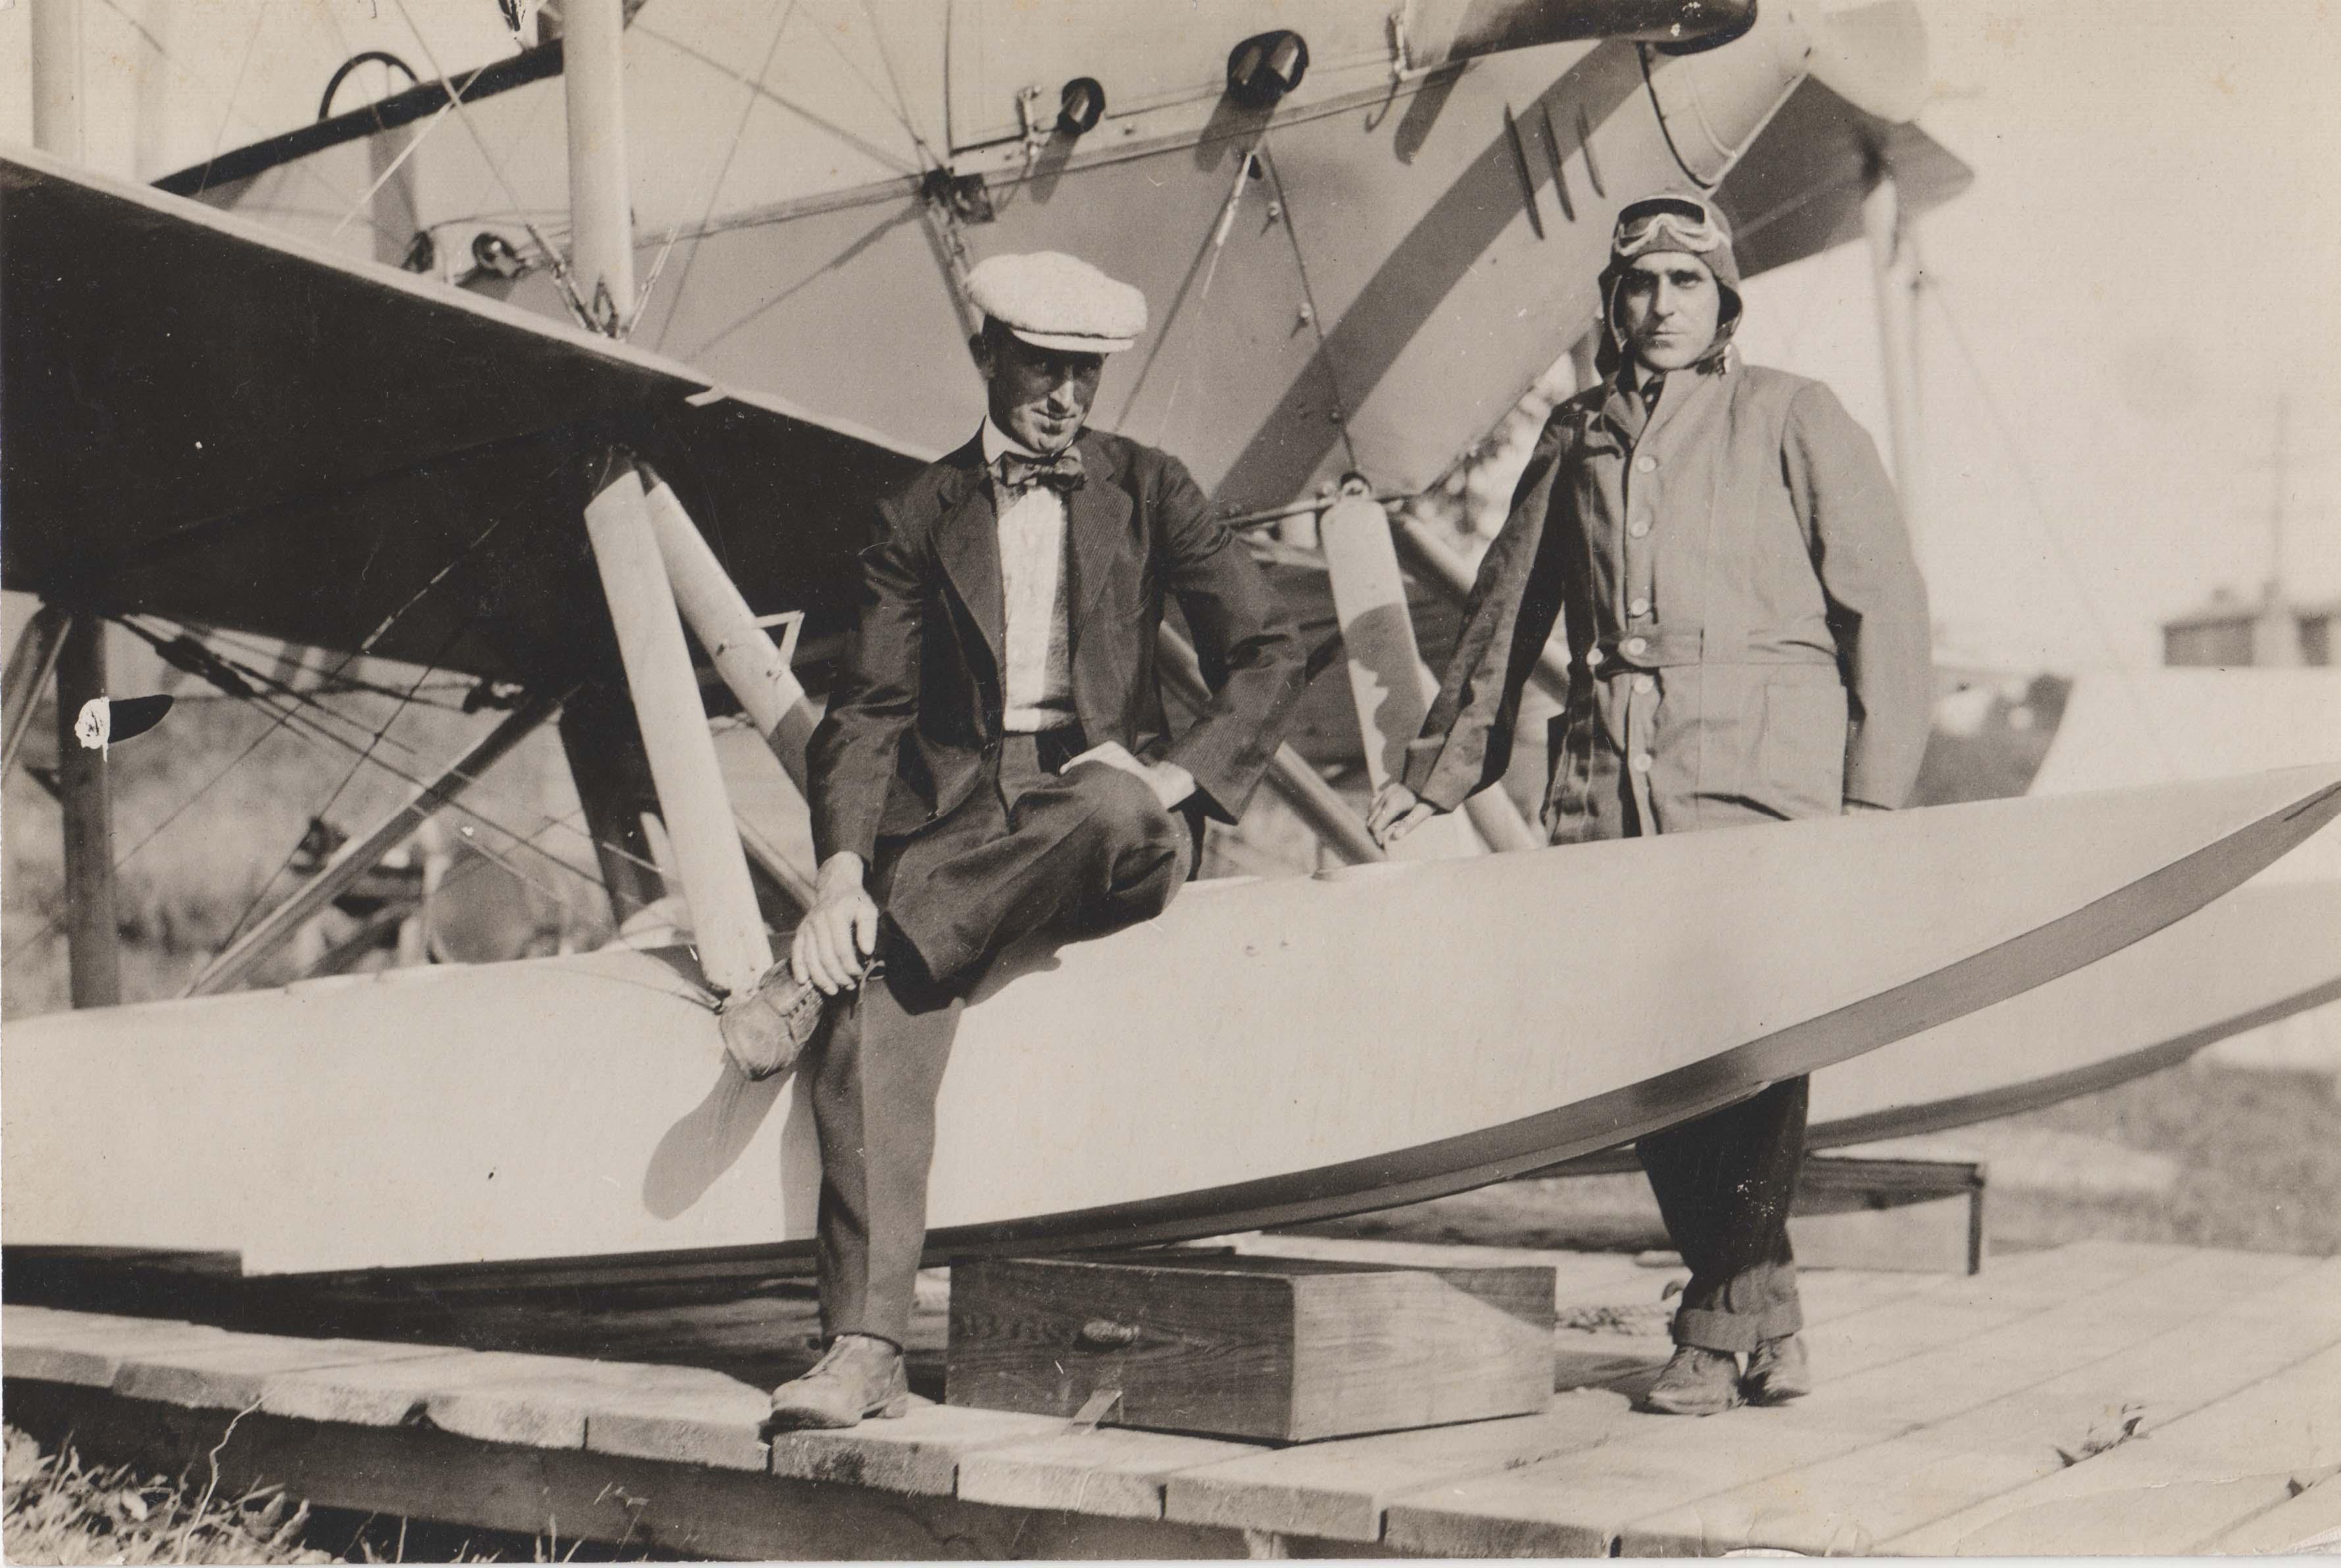 0084 Two Men Near Hydroplane